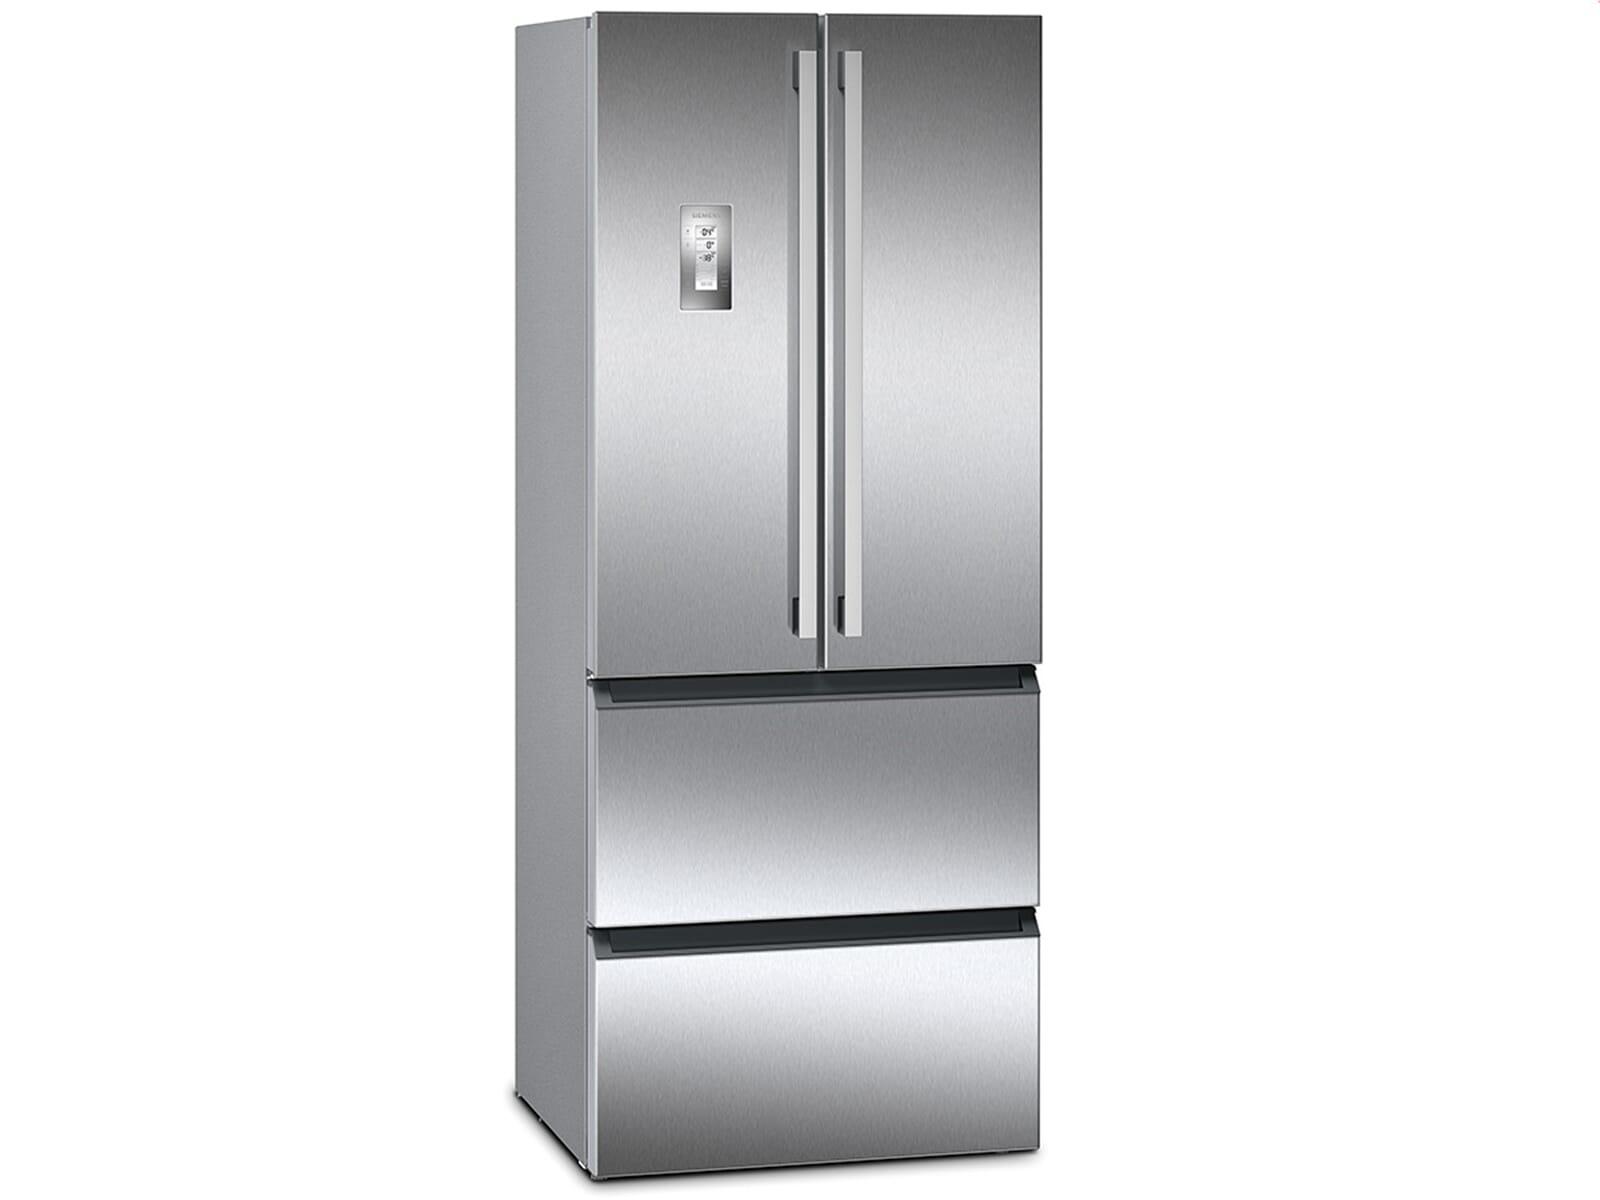 Siemens Kühlschrank Mit Wasserspender : Siemens km fai frenchdoor kühl gefrier kombination edelstahl türen